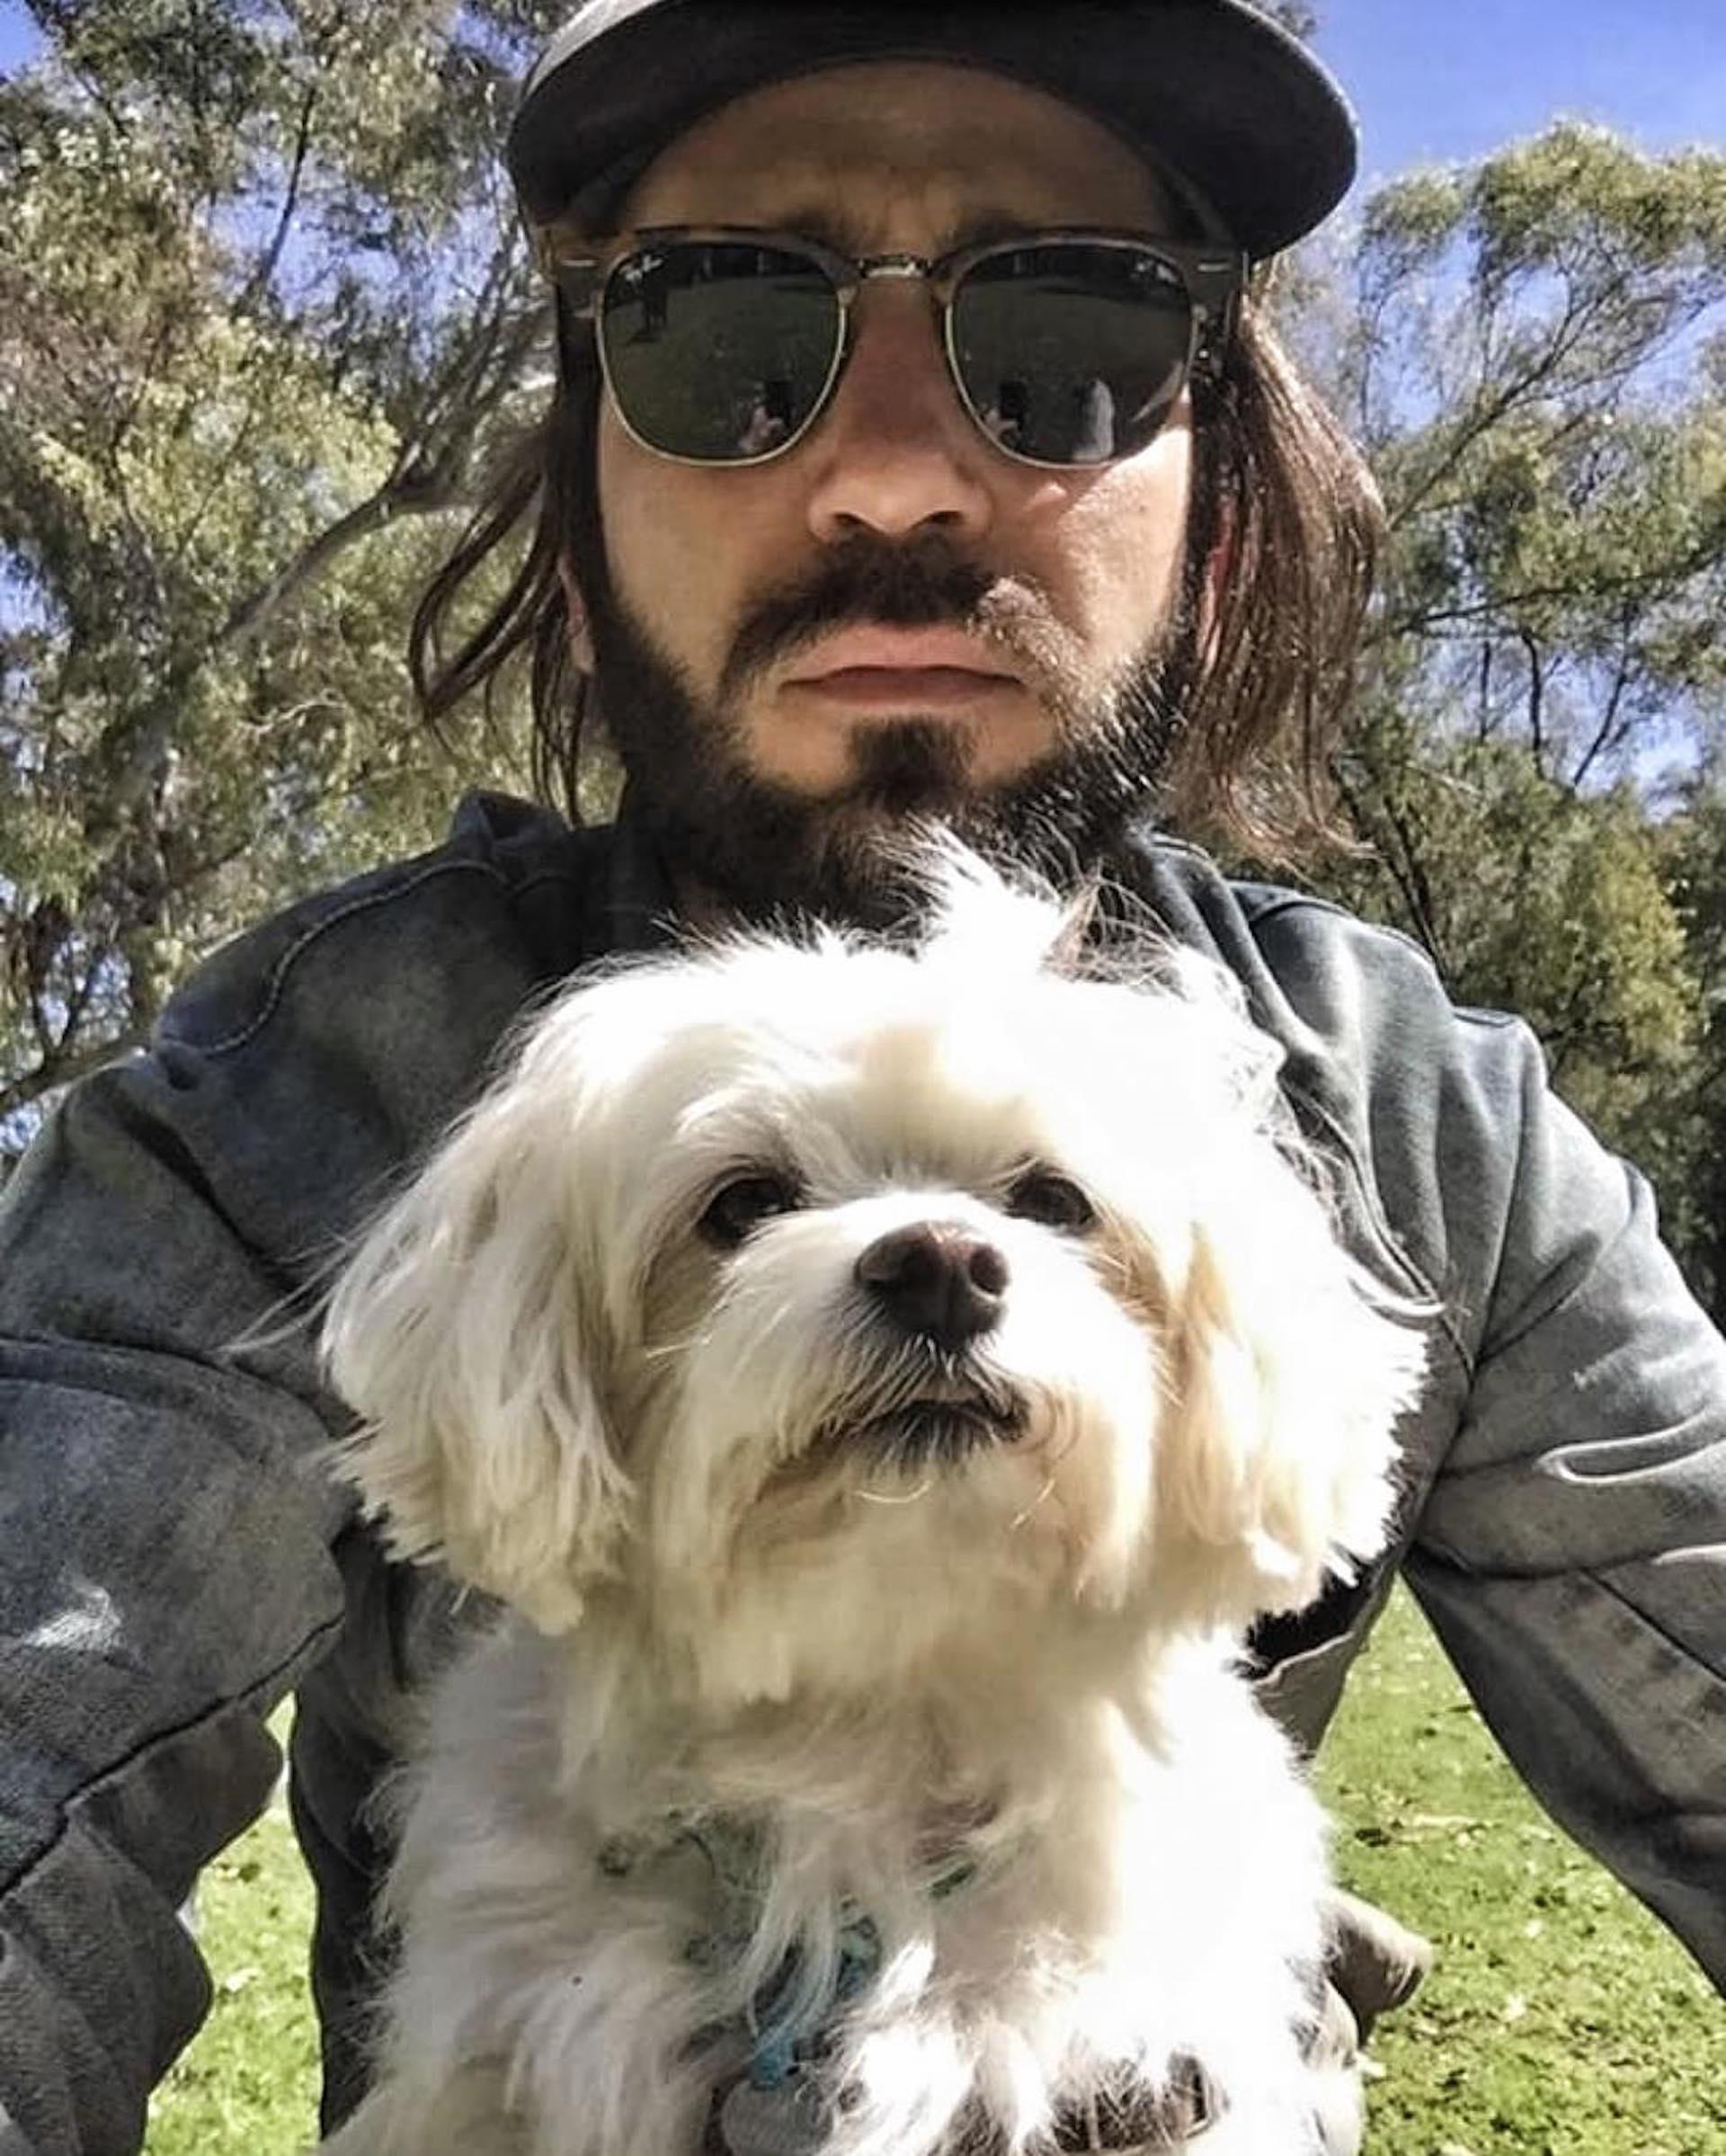 """Francisco con Romeo, el perro de Eugenia. """"Fran y Romeo se están haciendo amigos 😊!! Por él y para él la mejor vida de perros con @lamanada GRACIAS Fran 🙌🏼❤️😘"""", escribió la actriz junto a la imagen"""